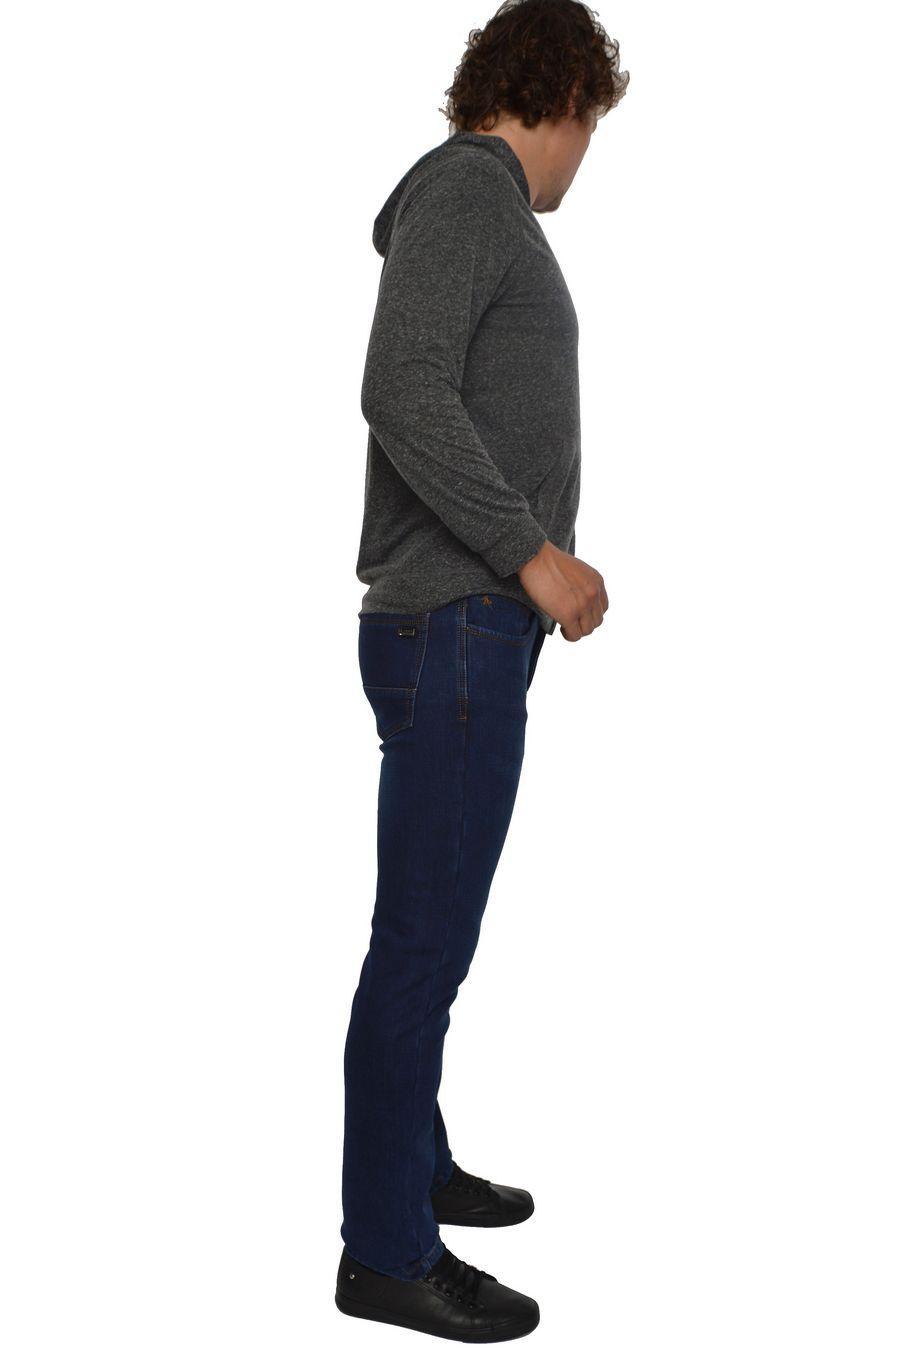 Джинсы мужские Arnold 3527 утепленные - фото 2